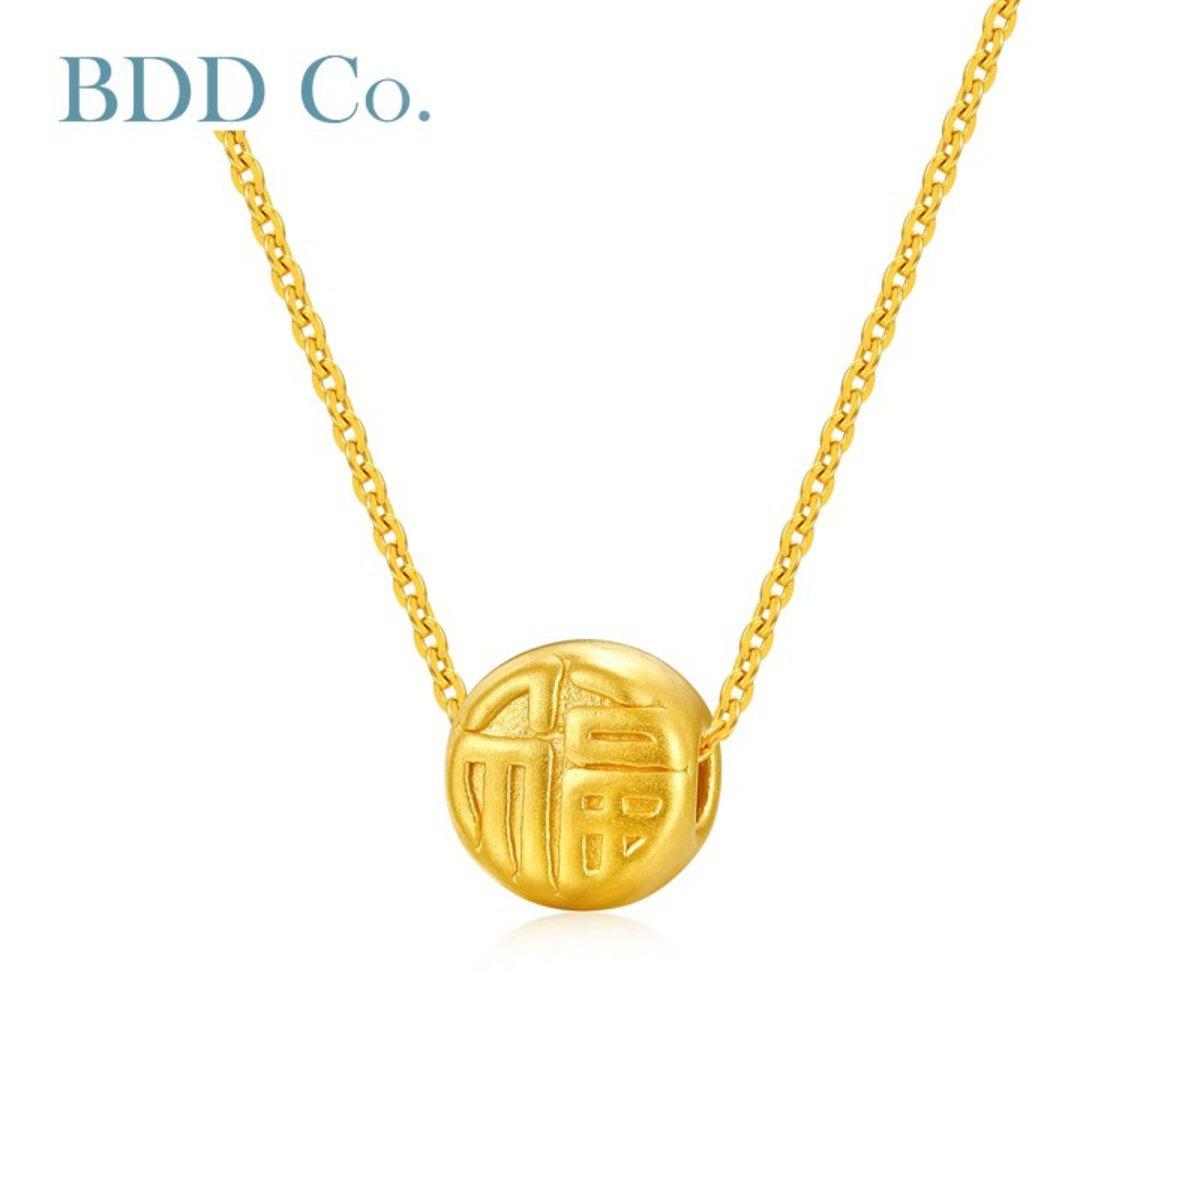 Au990 Gold Pendant (charm)